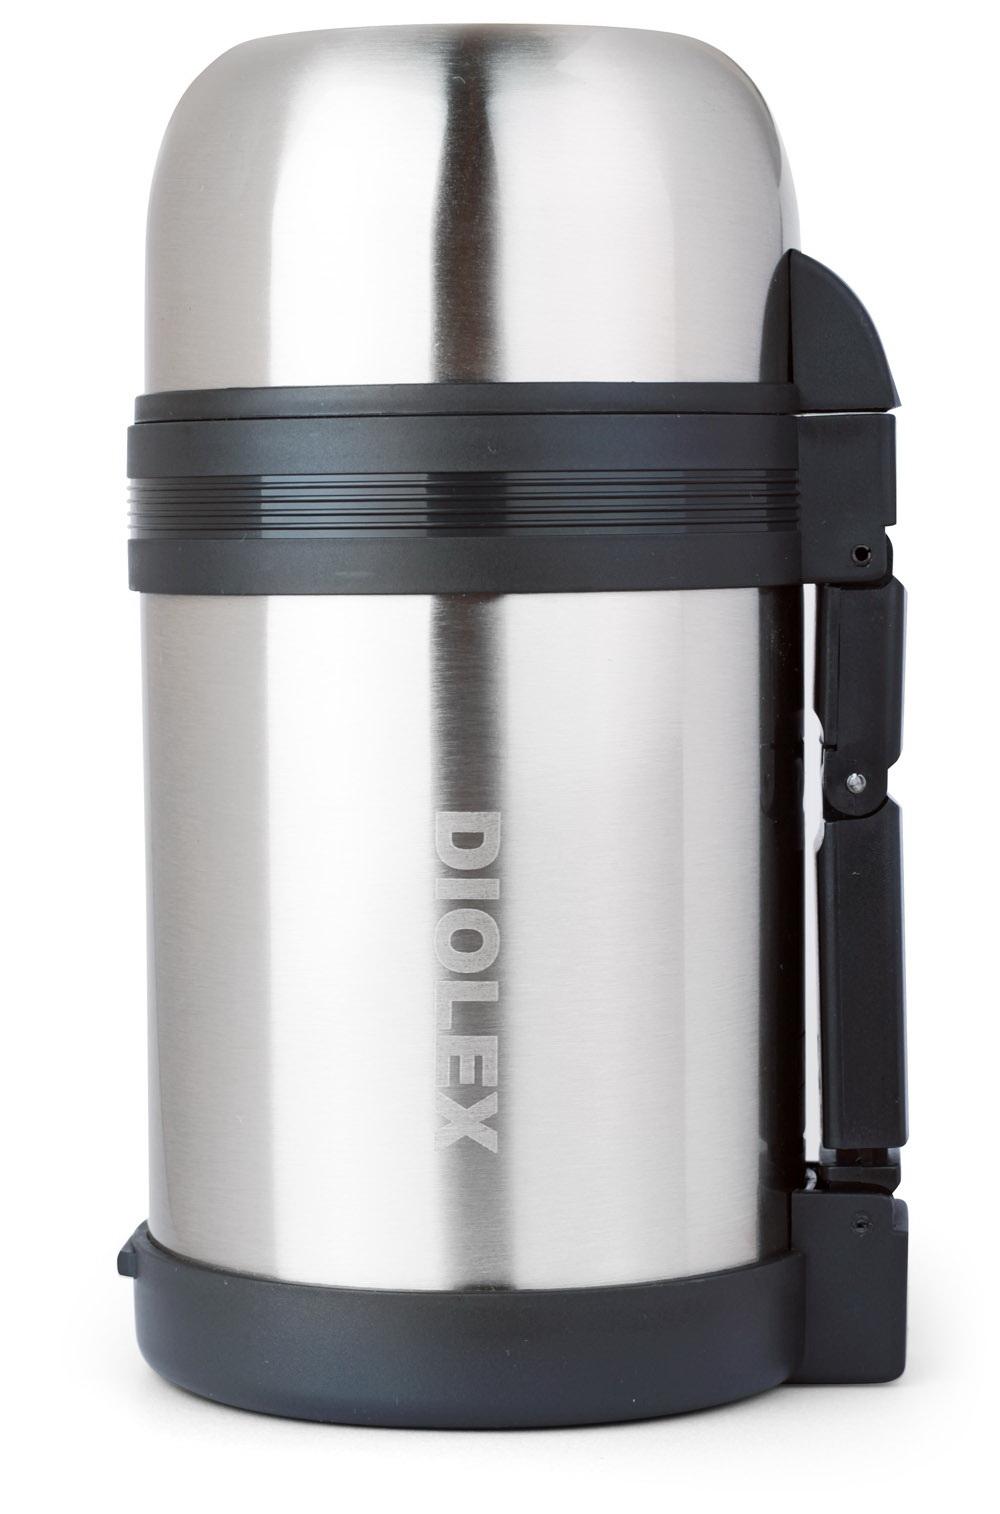 Термос универсальный Diolex, 0,6 л93-TE-B-2-800Термос Diolex изготовлен из высококачественной нержавеющей стали и пластика. Двойная внутренняя колба обеспечивает долгое сохранение температуры содержимого. Термос вакуумный, он плотно закрывается специальным клапаном и дополнительно закручивается крышкой. Пластиковая подвижная ручка и ремешок для переноски делают использование термоса легким и удобным. Термос подходит как для хранения жидкостей, так и пищи. Для еды в комплекте предусмотрен специальный пластиковый контейнер белого цвета. Термос сохраняет напитки и продукты горячими или холодными долгое время.Легкий и прочный термос Diolex идеально подойдет для отдыха и путешествий. Высота термоса (с учетом крышки): 19 см. Диаметр основания: 10,5 см.